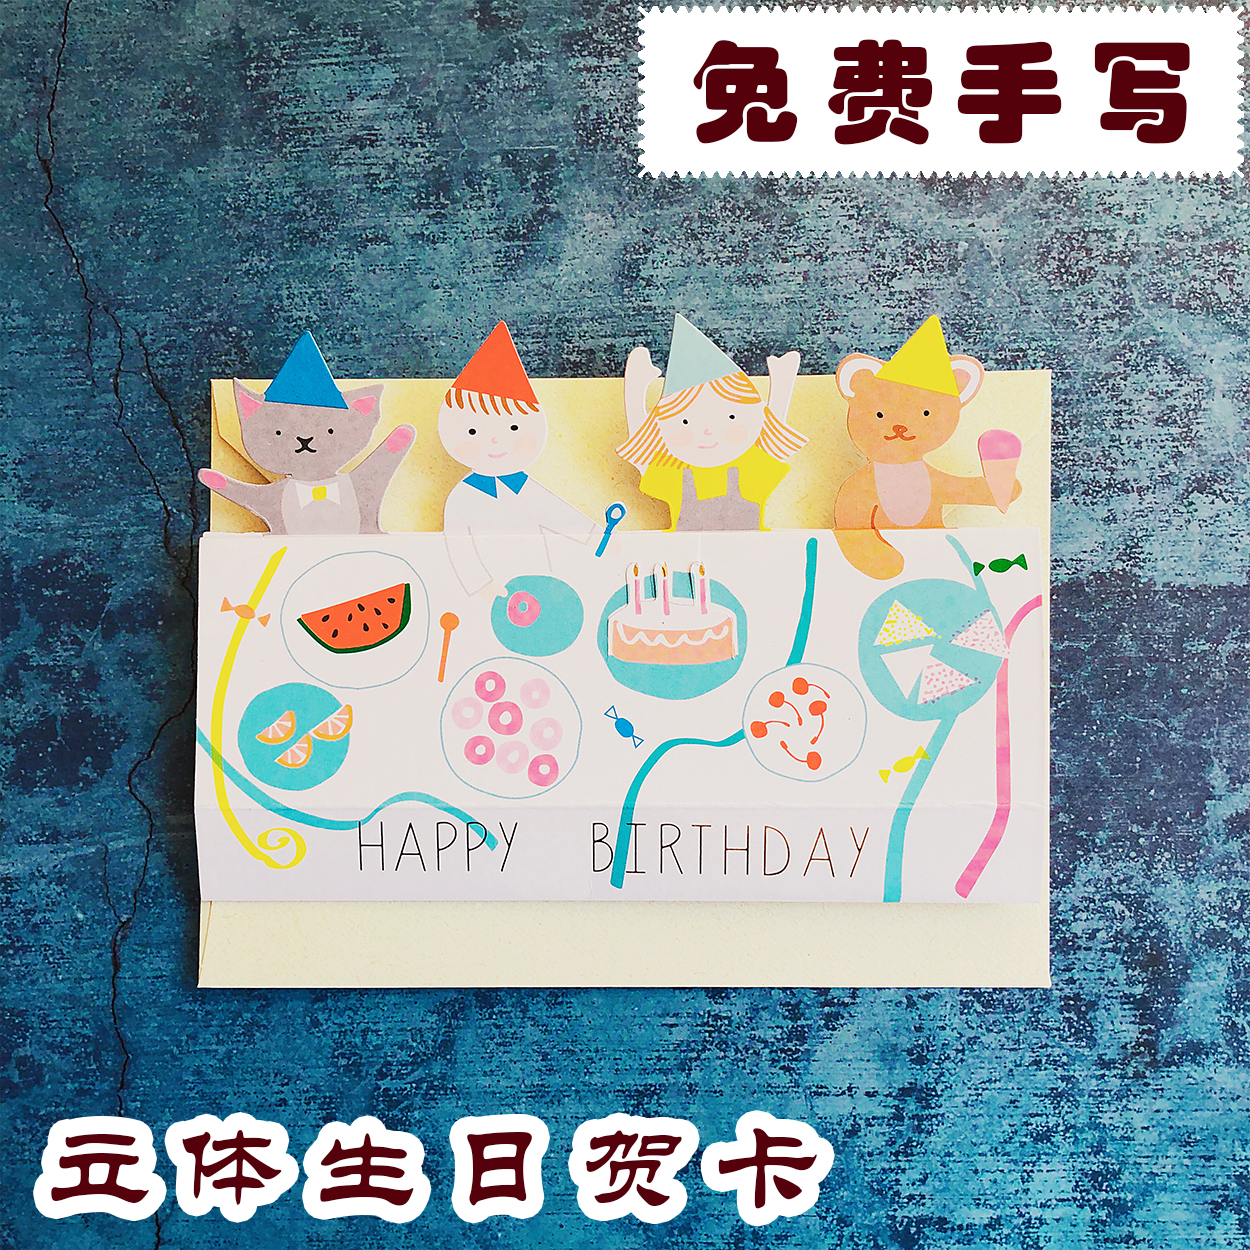 diy感恩祝福留言卡生日节日通用贺卡创意情人节新年礼物卡片